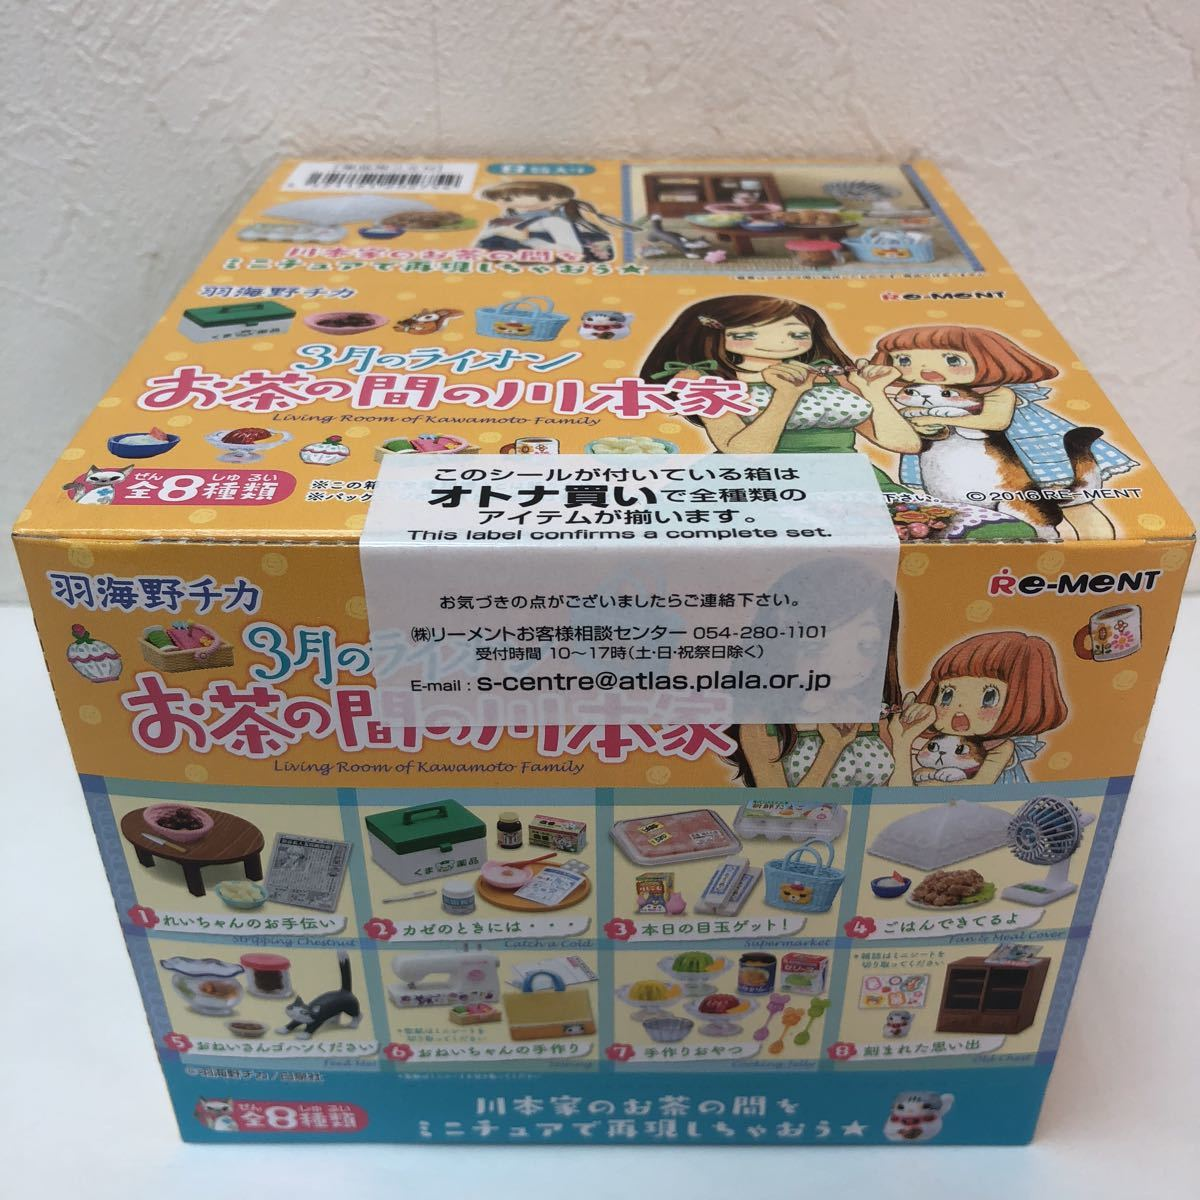 新品未開封 リーメント 3月のライオン お茶の間の川本家 全8種類 送料無料